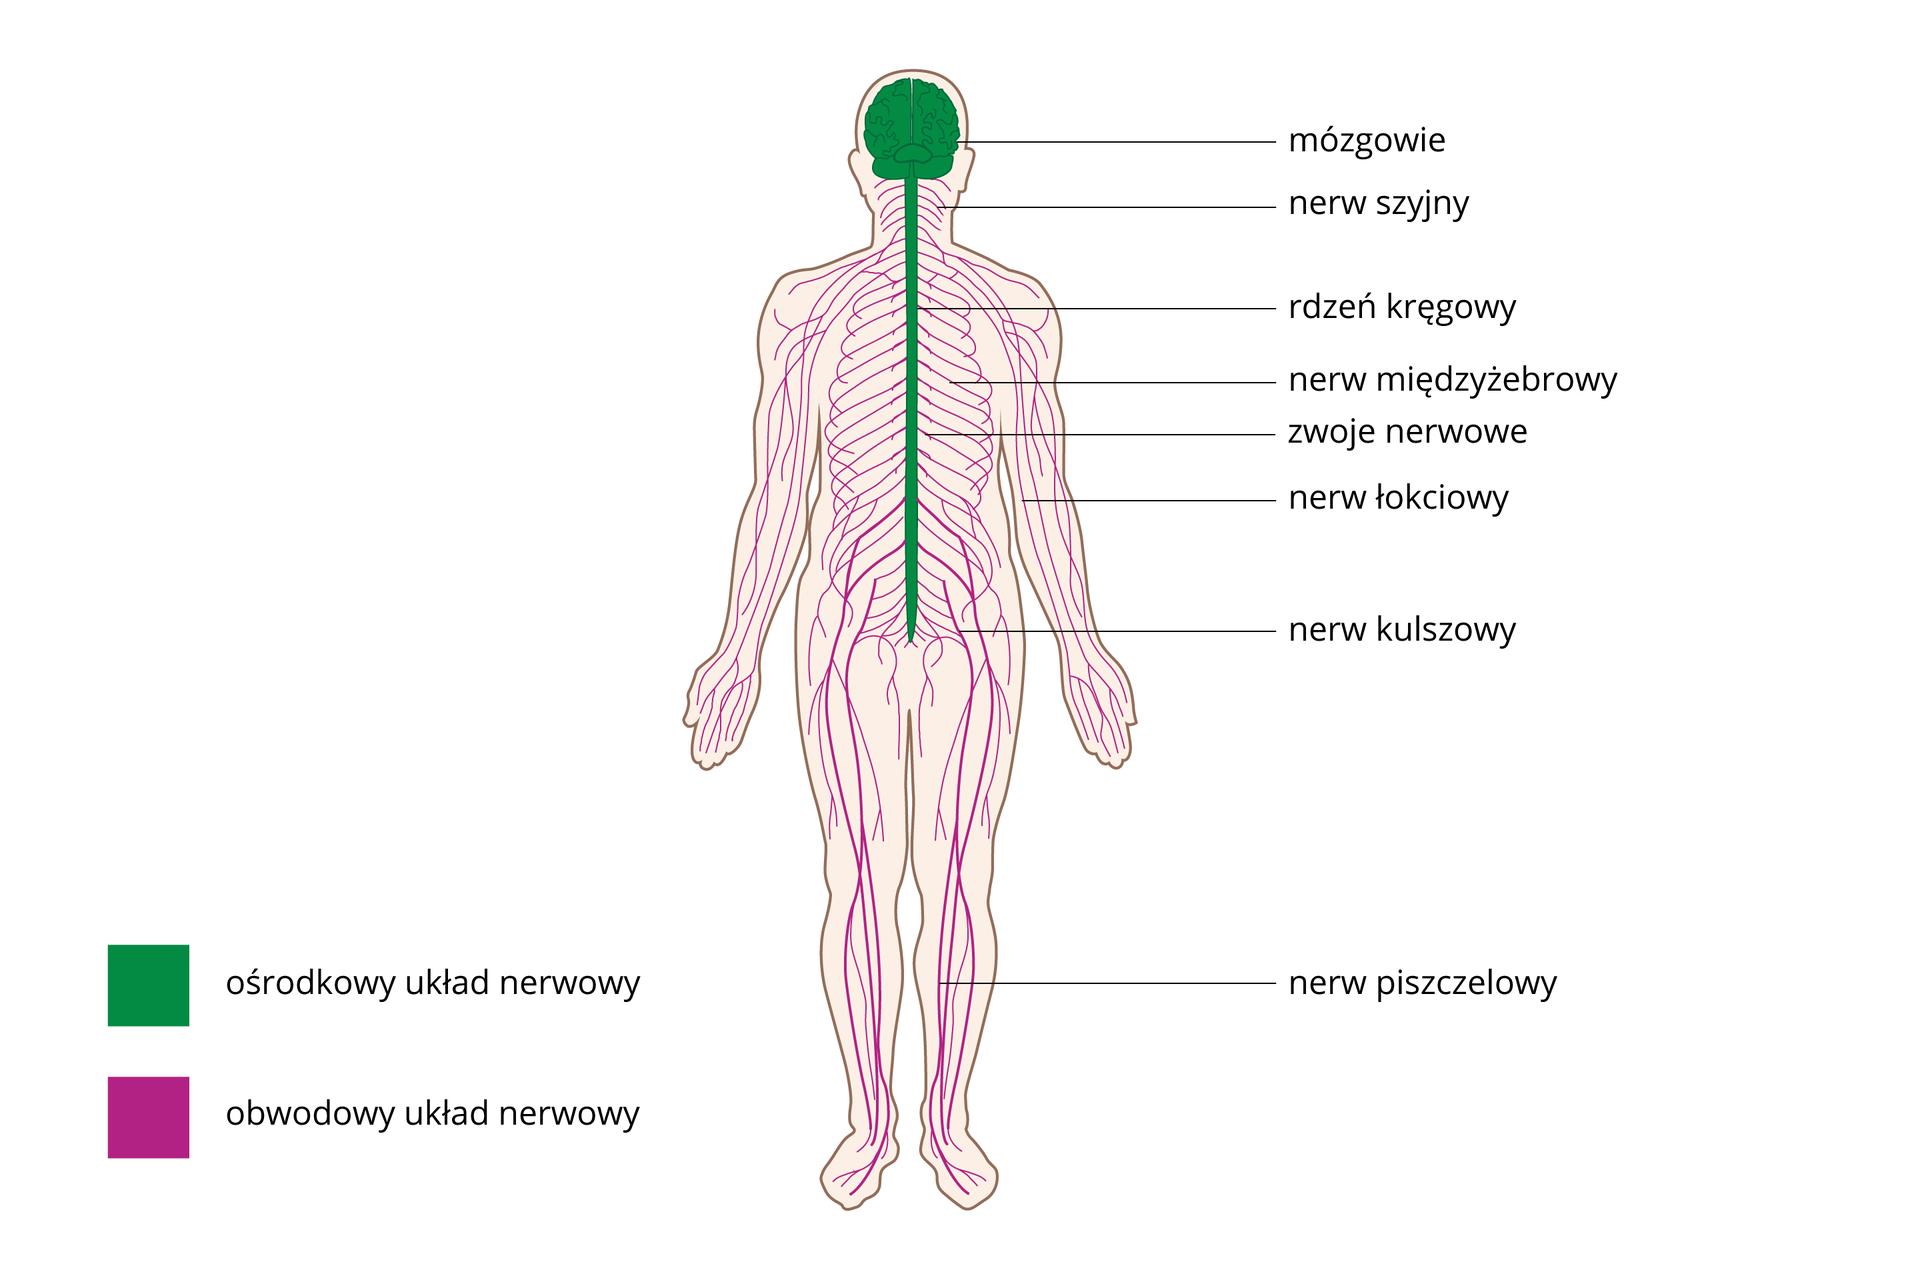 Ilustracja przedstawia sylwetkę człowieka zwrysowanym układem nerwowym, kolorem zielonym oznaczono ośrodkowy układ nerwowy, kolorem różowym obwodowy układ nerwowy. Niektóre nerwy obwodowe zostały podpisane zprawej. Od góry pod mózgowiem: szyjny, międzyżebrowy, łokciowy, kulszowy, piszczelowy.